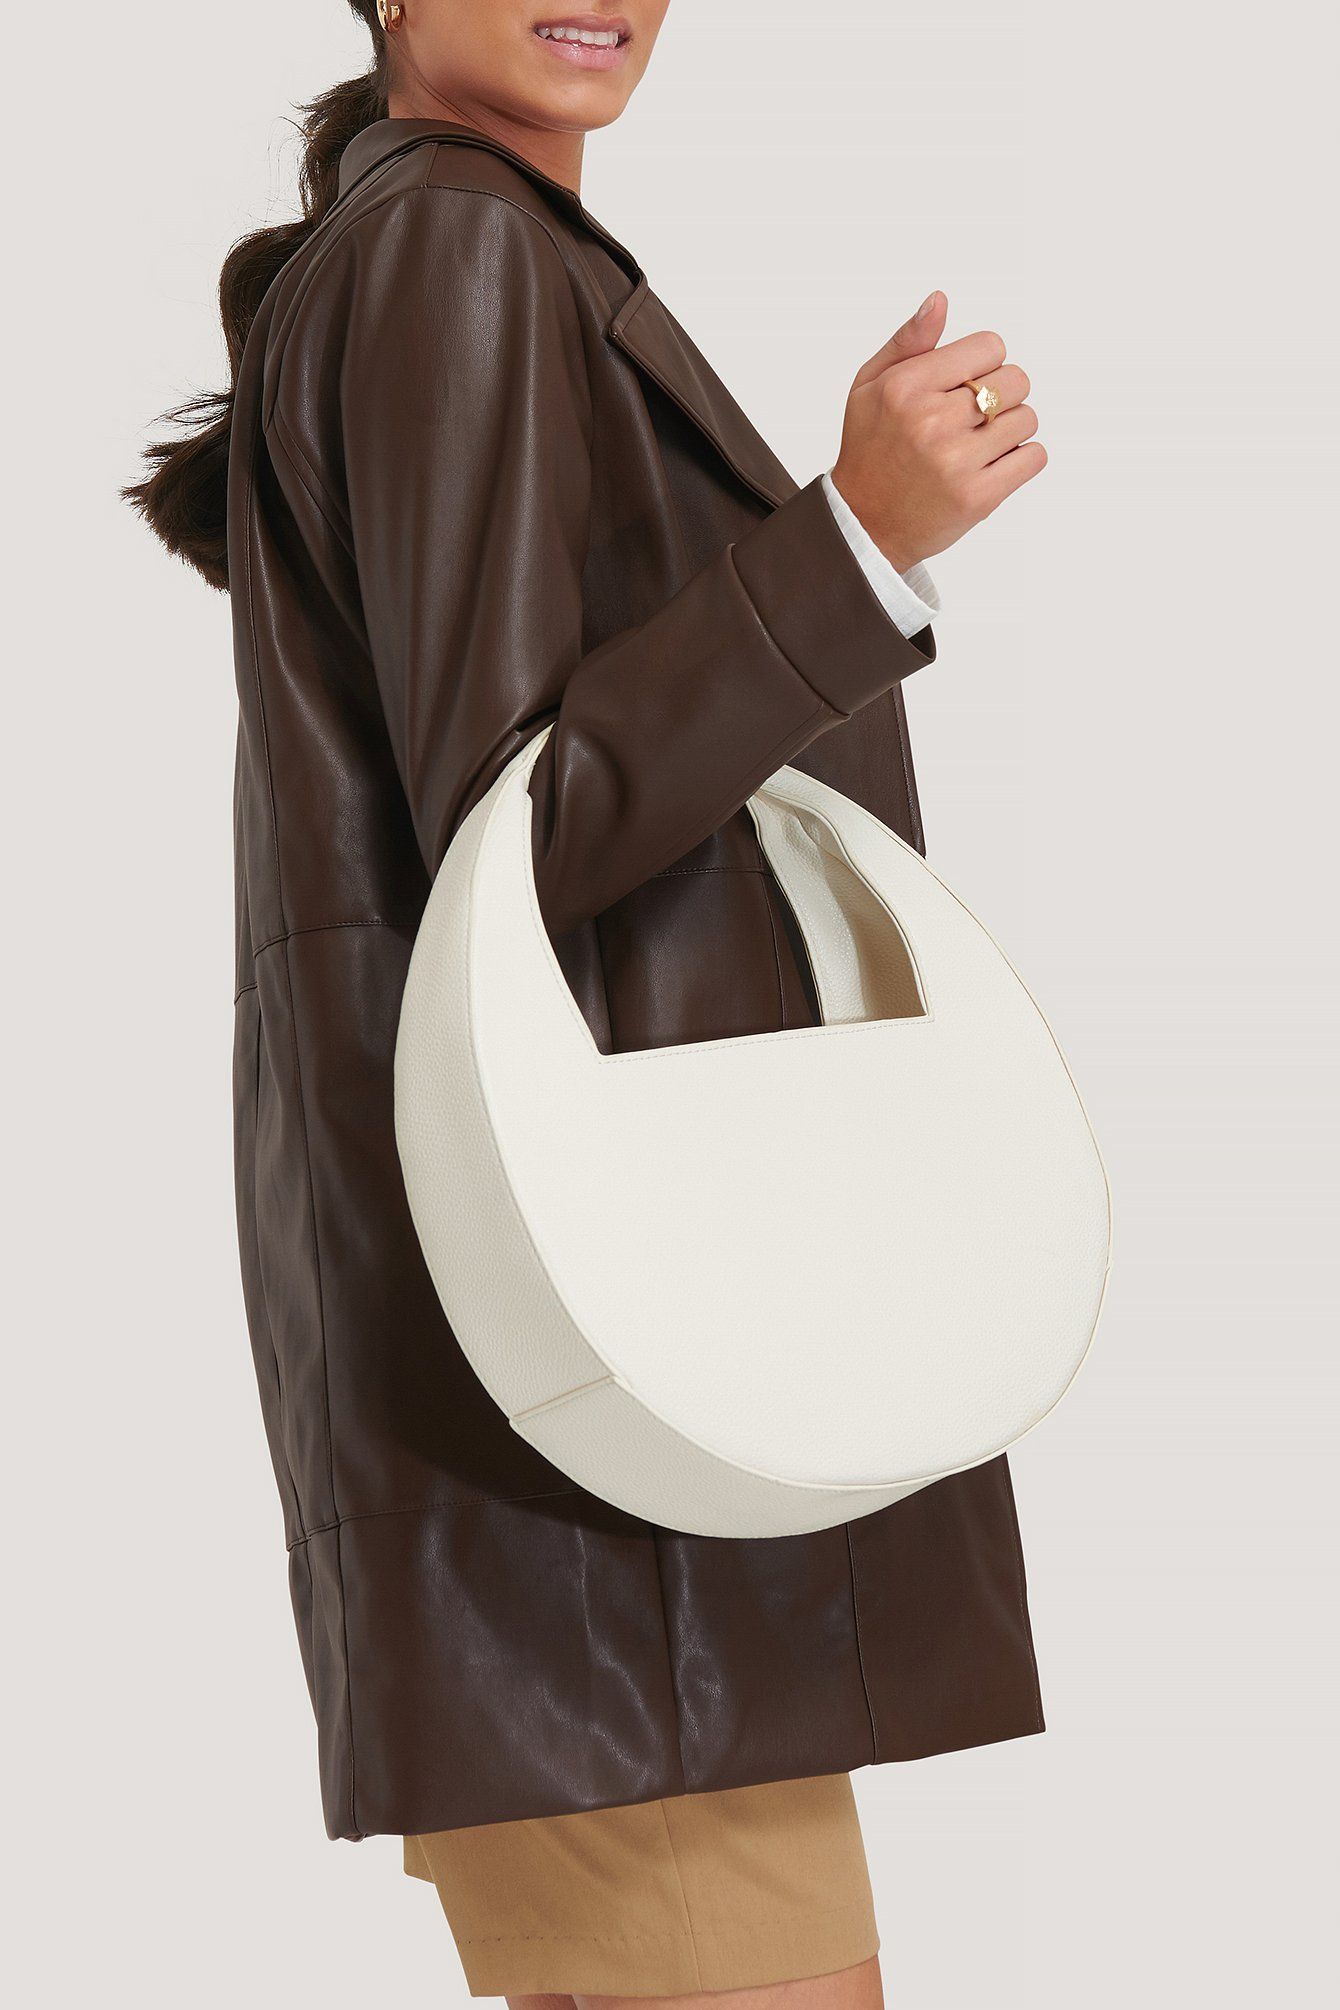 na-kd accessories -  Mondtasche Mit Quadratischem Griff - Offwhite